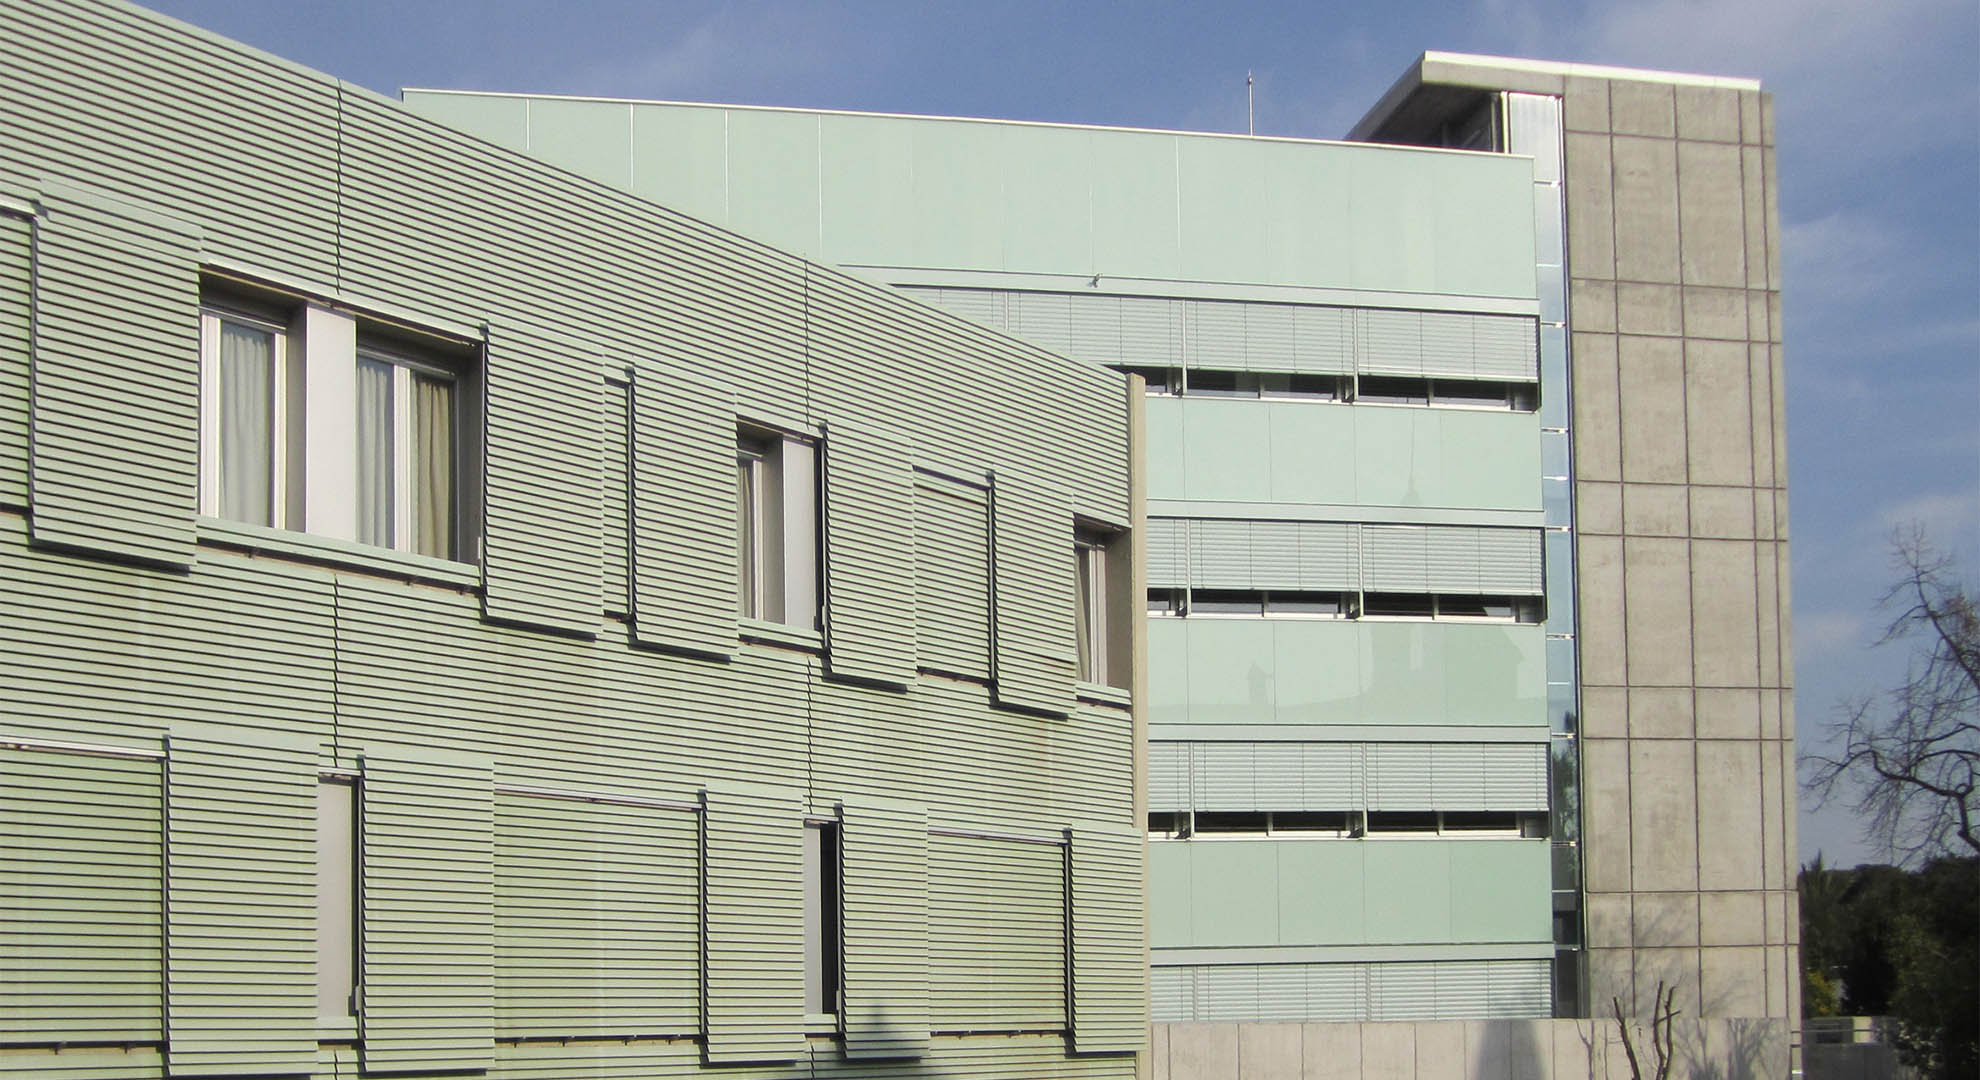 Las contraventanas correderas pueden definir una fachada... aunque tienen que tener sentido. Imagen © B01 Arquitectes